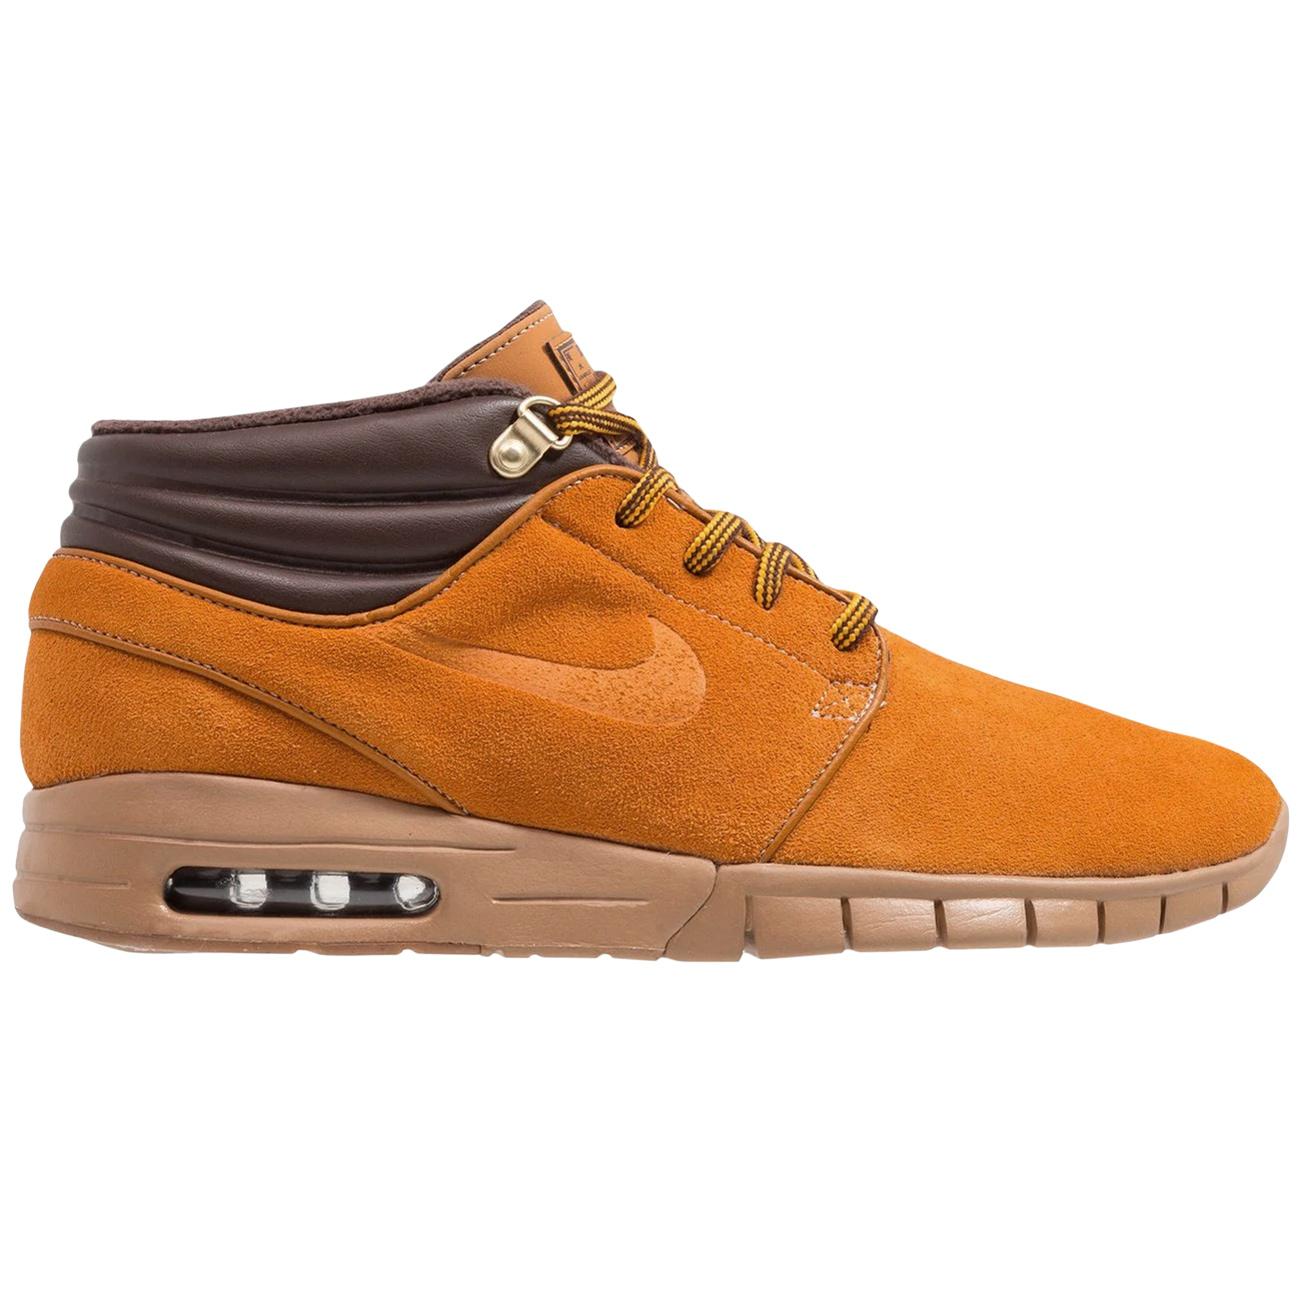 Nike Stefan Janoski Max Mid PRM Herren Sneaker braun AV3610 779